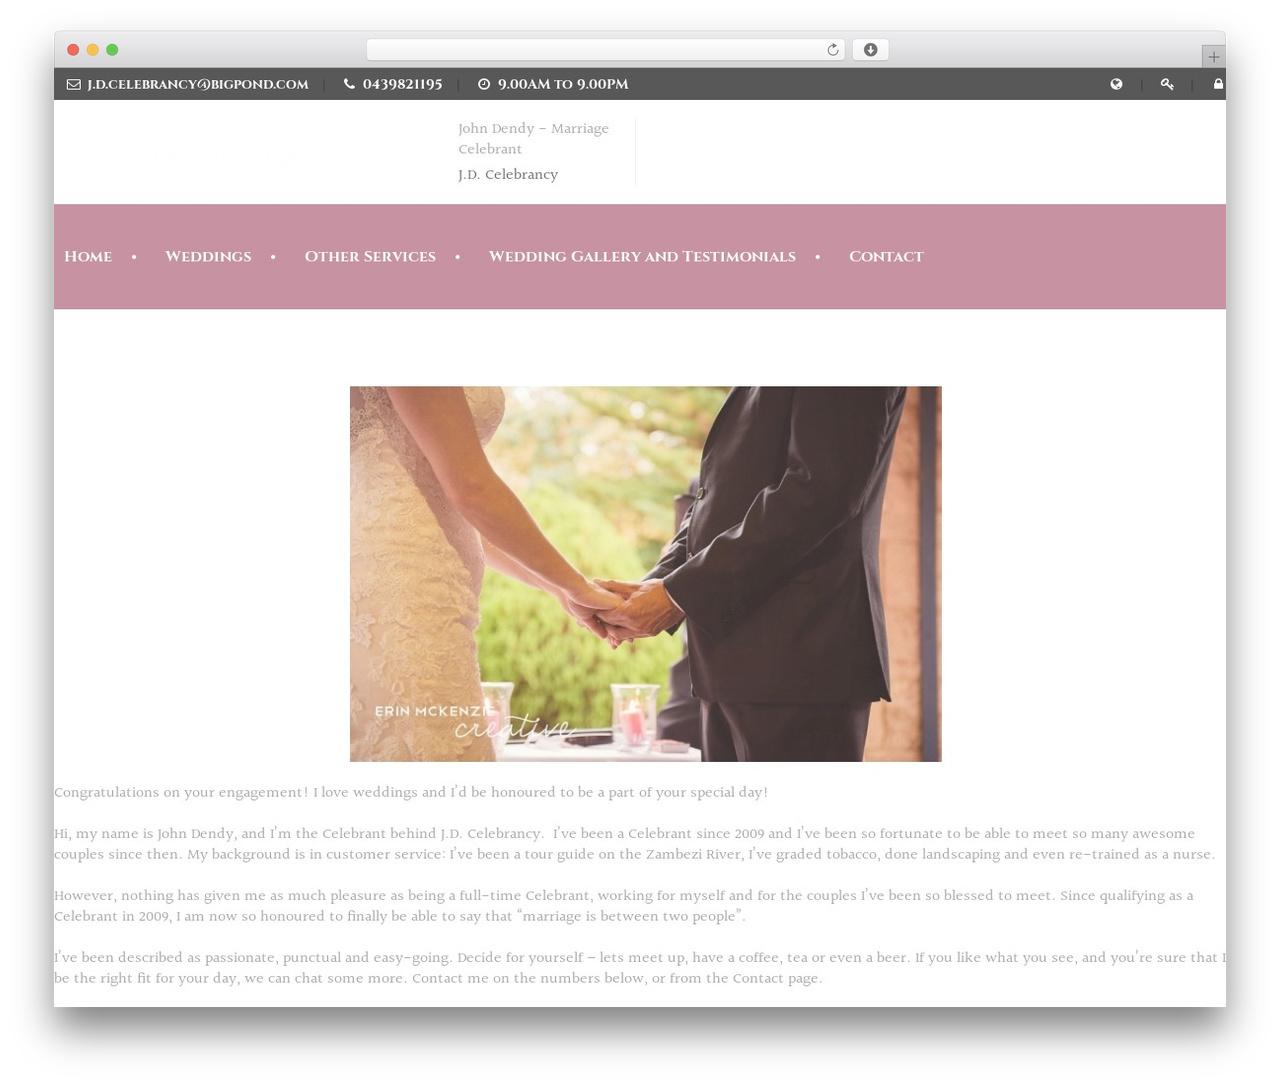 Wedding Industry best wedding WordPress theme by Nicdark ...